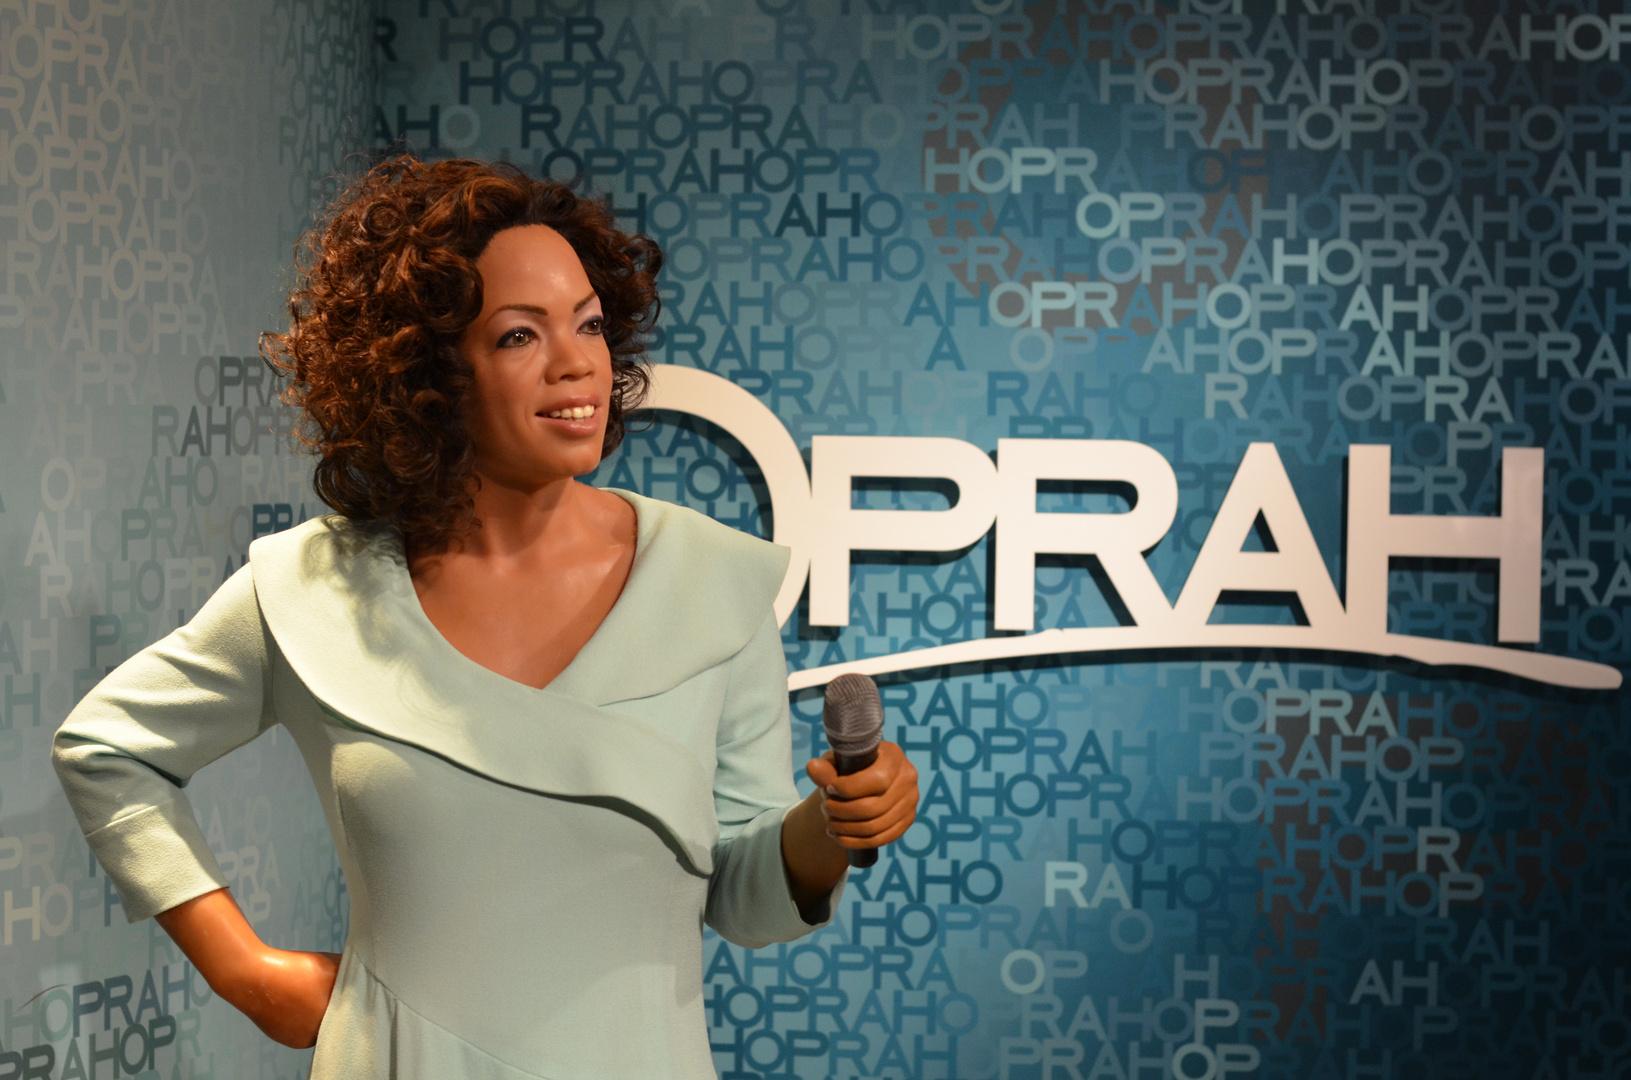 Oprah- Wachsfigur im Madam tussauds (Amsterdam)